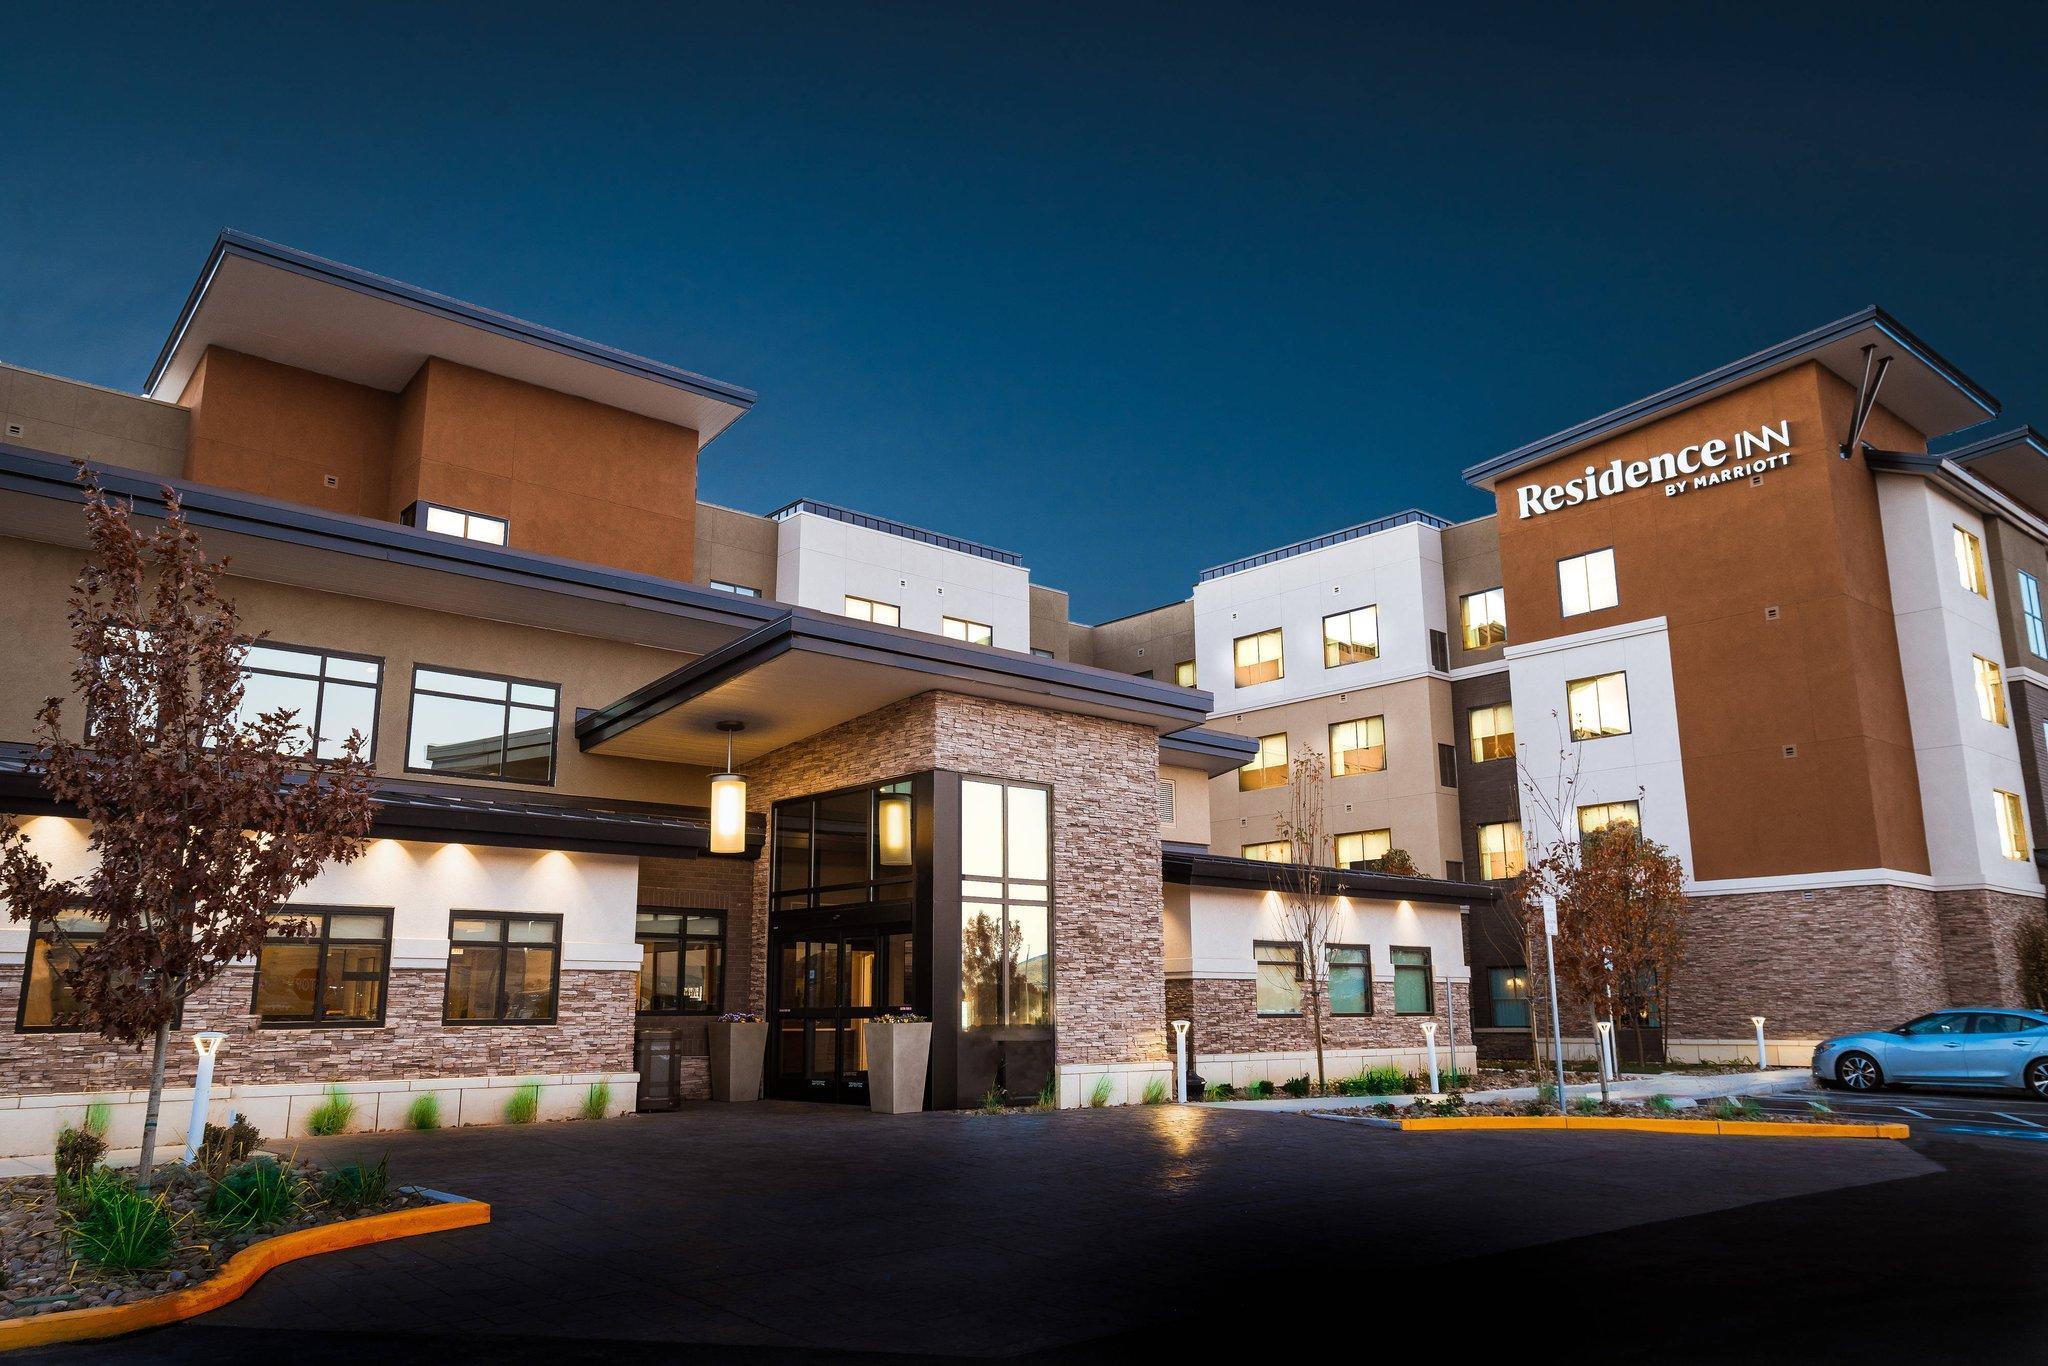 Residence Inn Reno Sparks